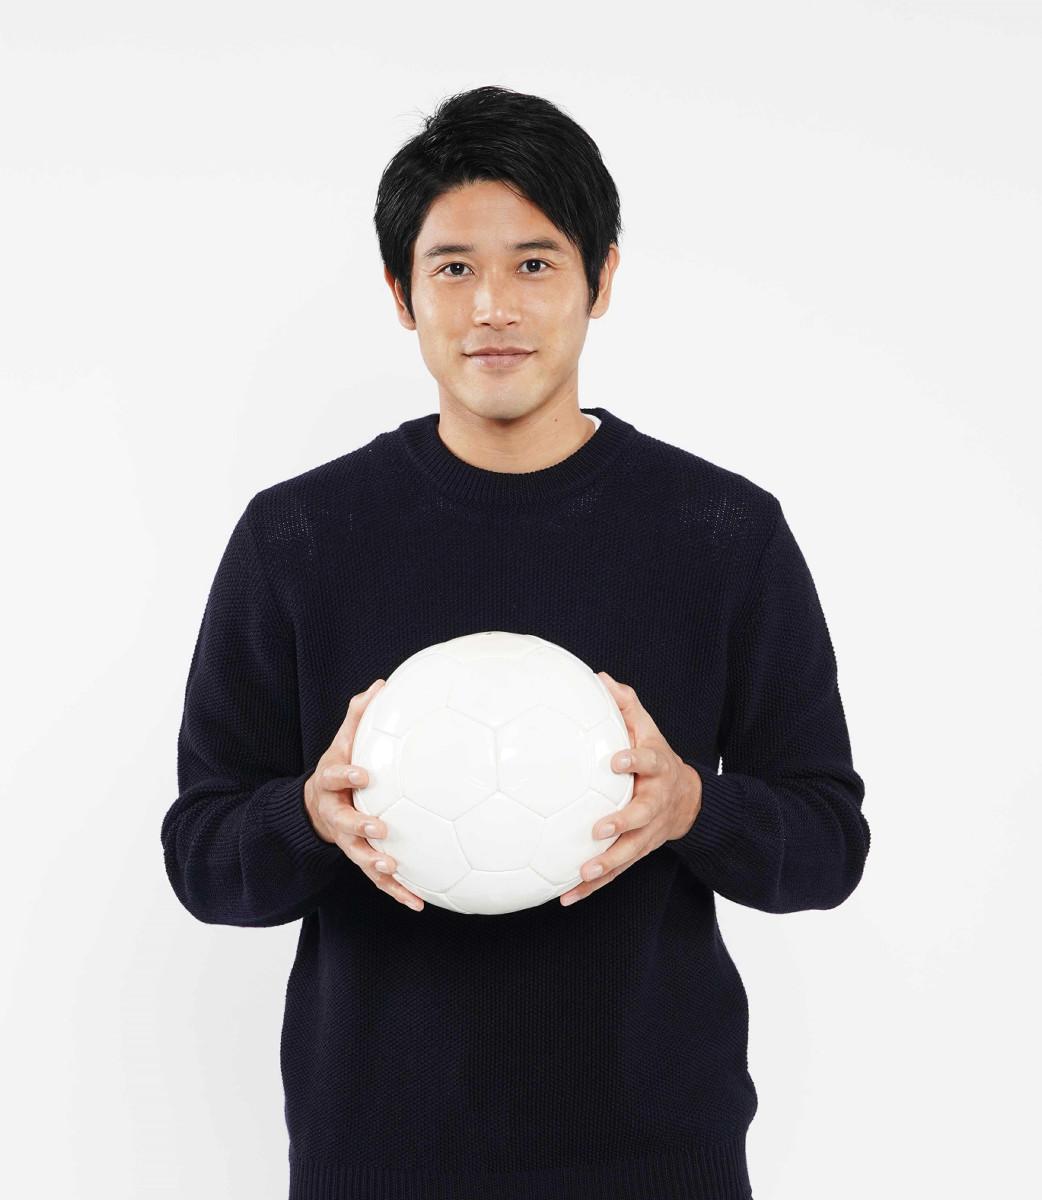 高校 内田 篤人 内田篤人は清水東高校出身!意外にも高校サッカー選手権の出場経験がない